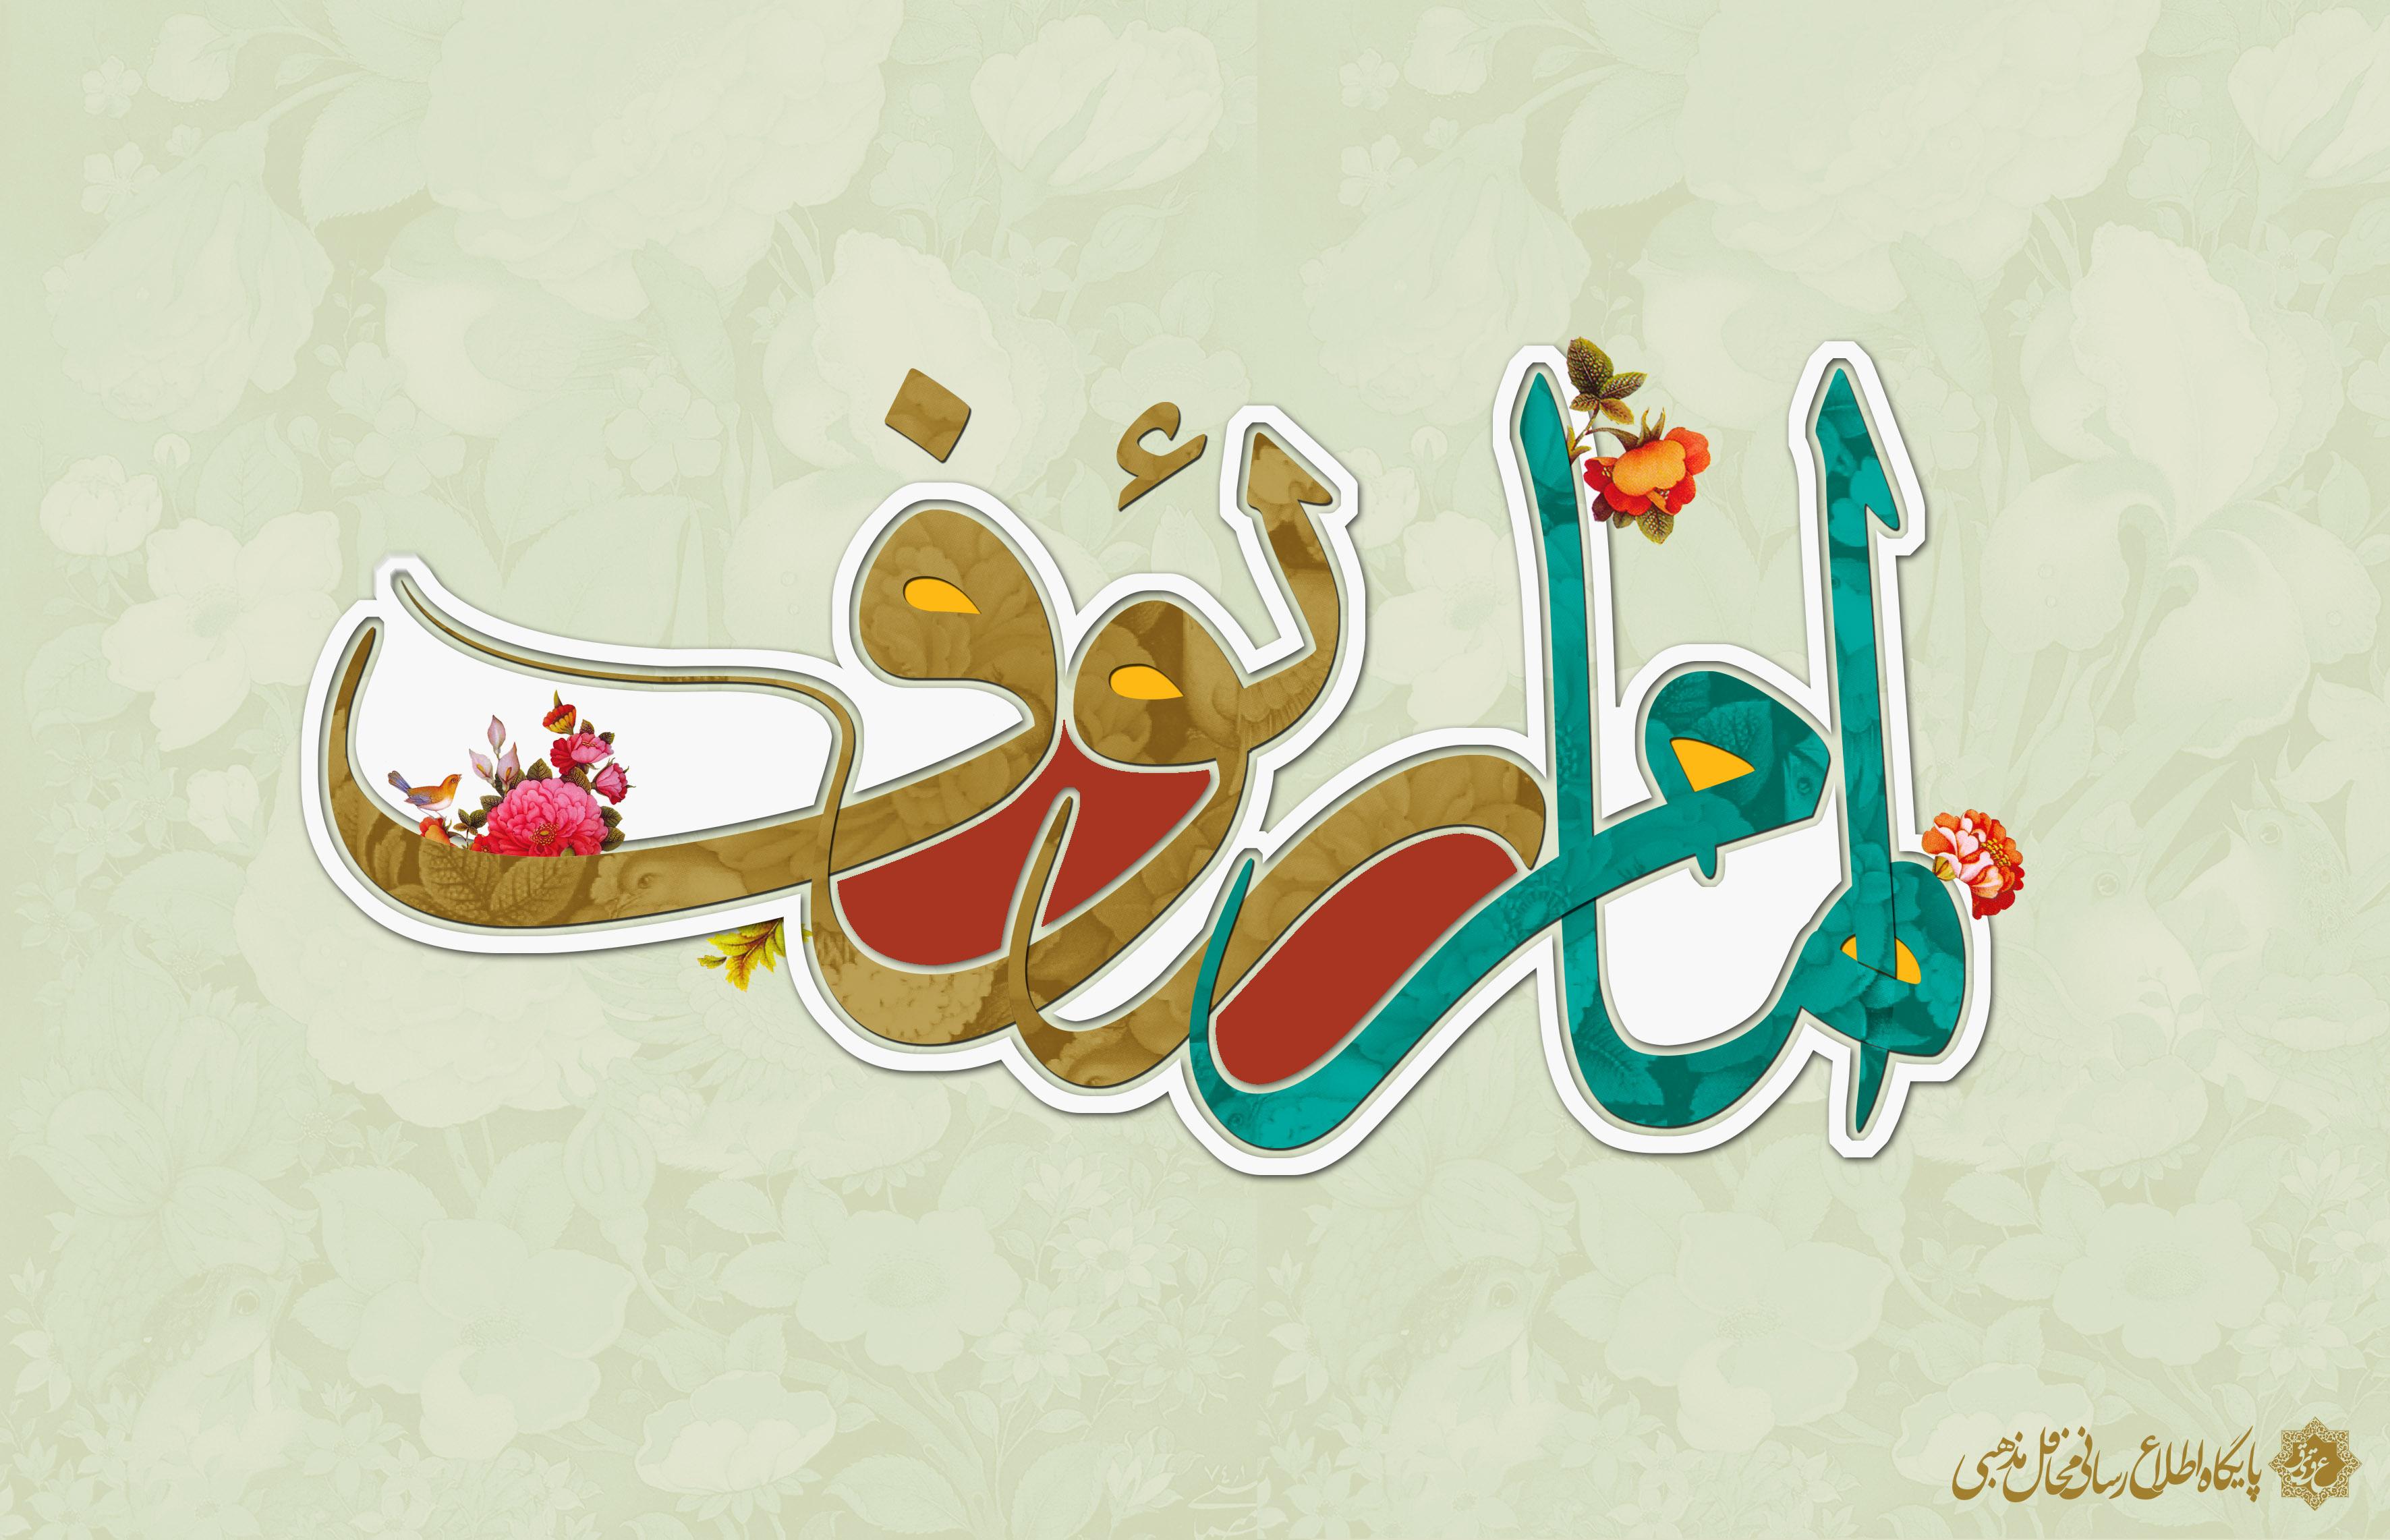 پیامک های تبریک بمناسبت ولادت حضرت امام رضا علیه السلام